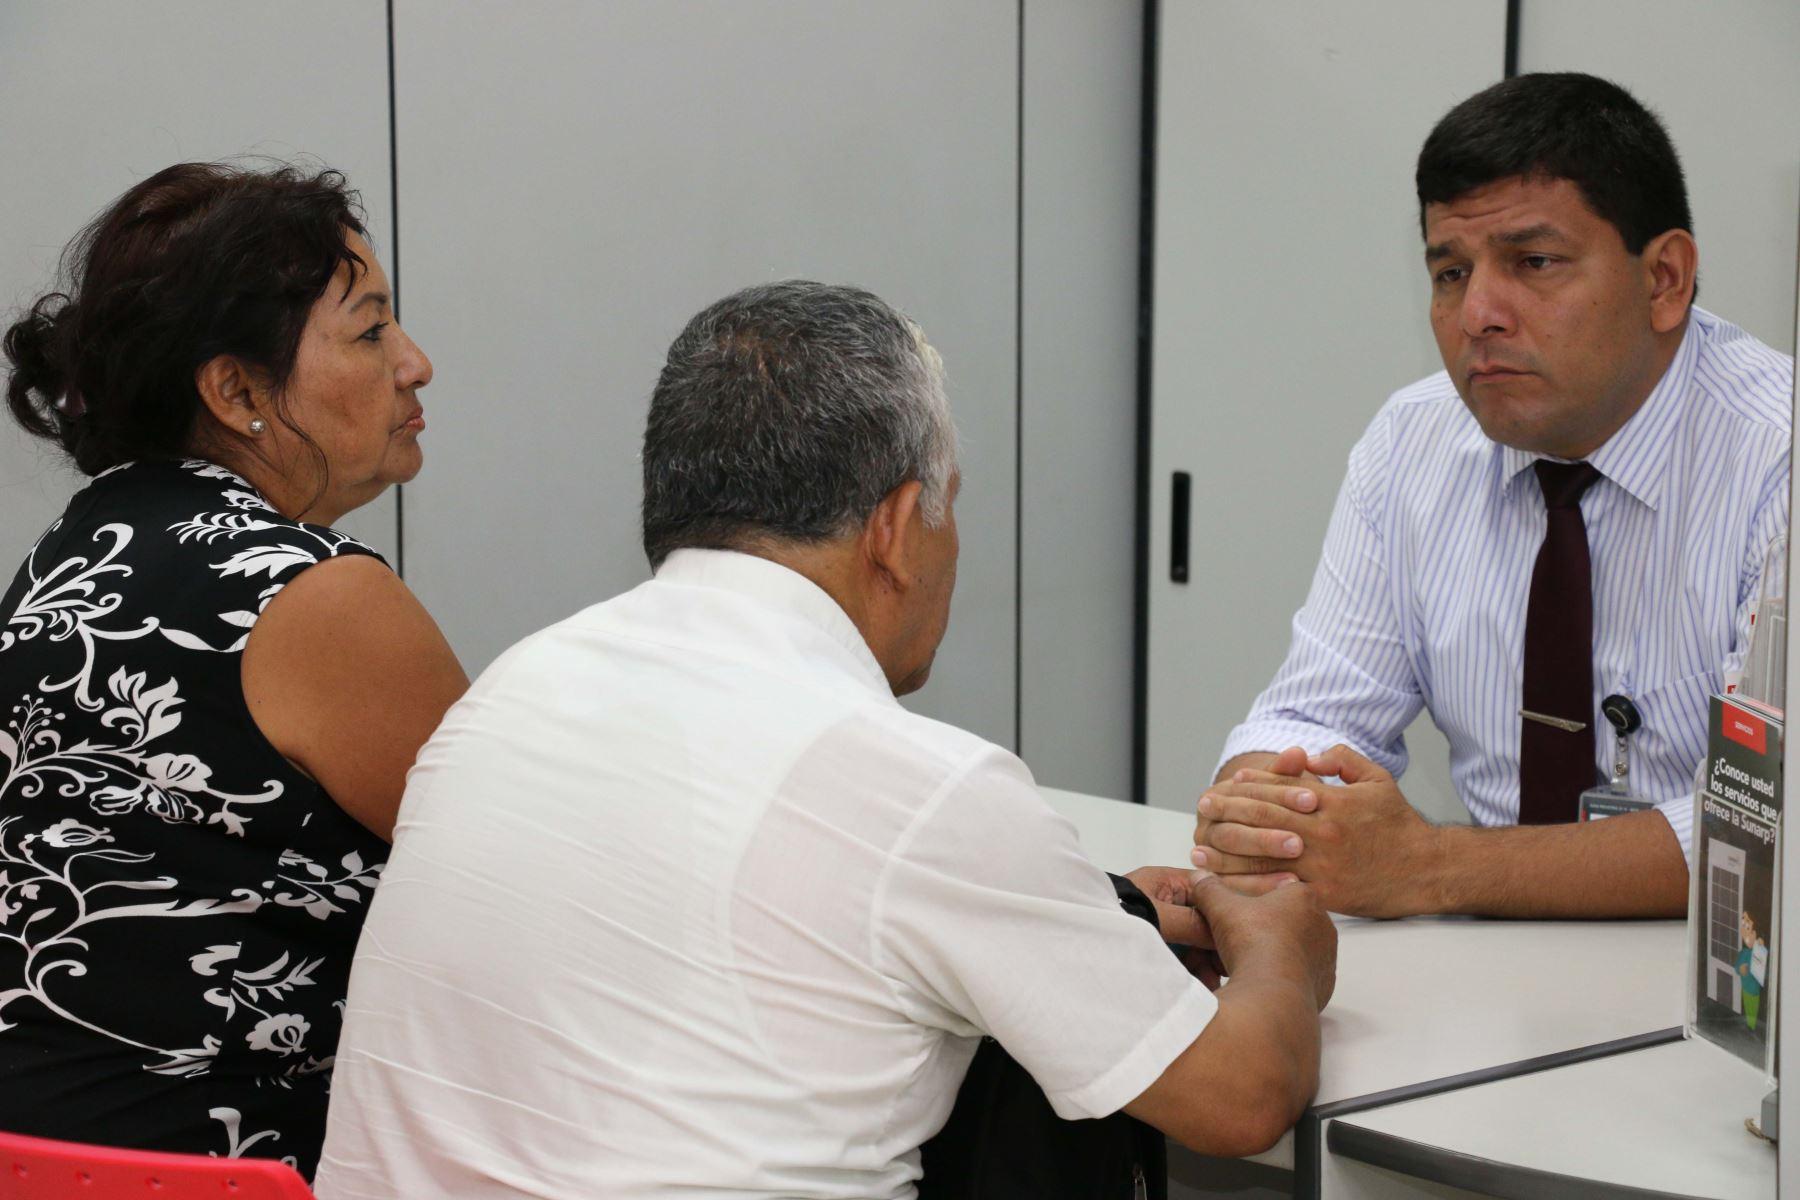 Divorcios se inscriben ante Sunarp para resguardar adecuada distribución de bienes. Foto: Andina/difusión